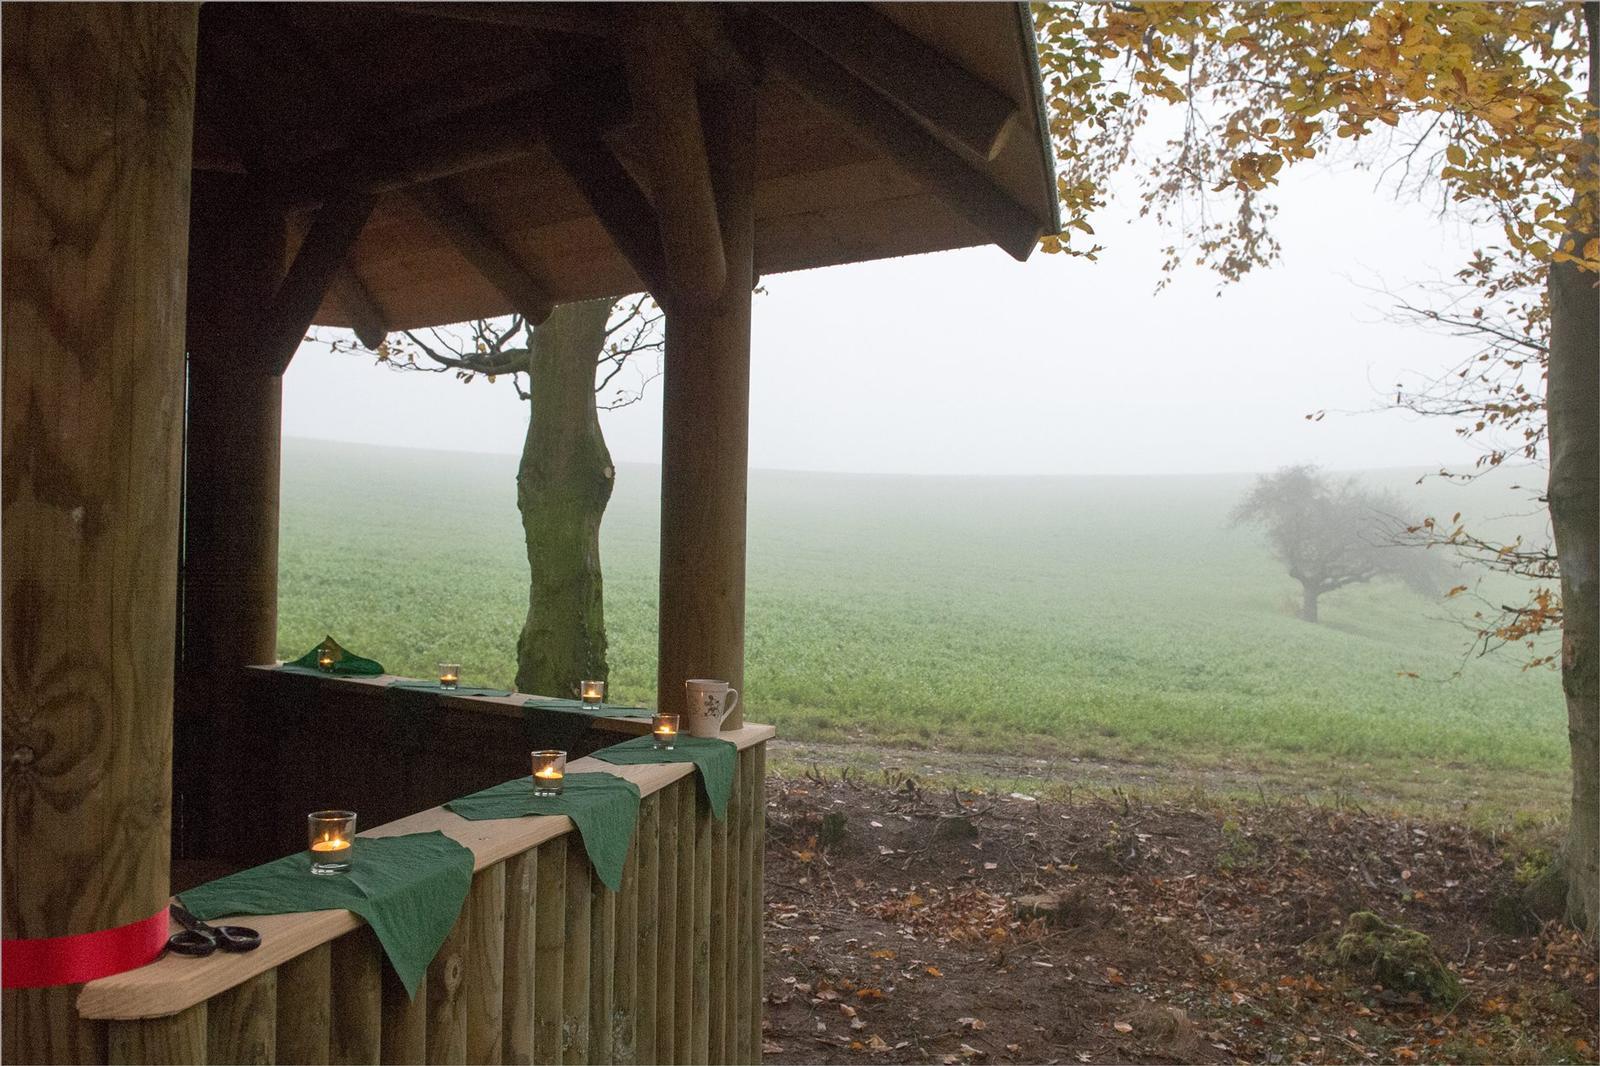 Einweihung der Schutzhütte am Bestattungswald 12 Aposten bei Nonrod